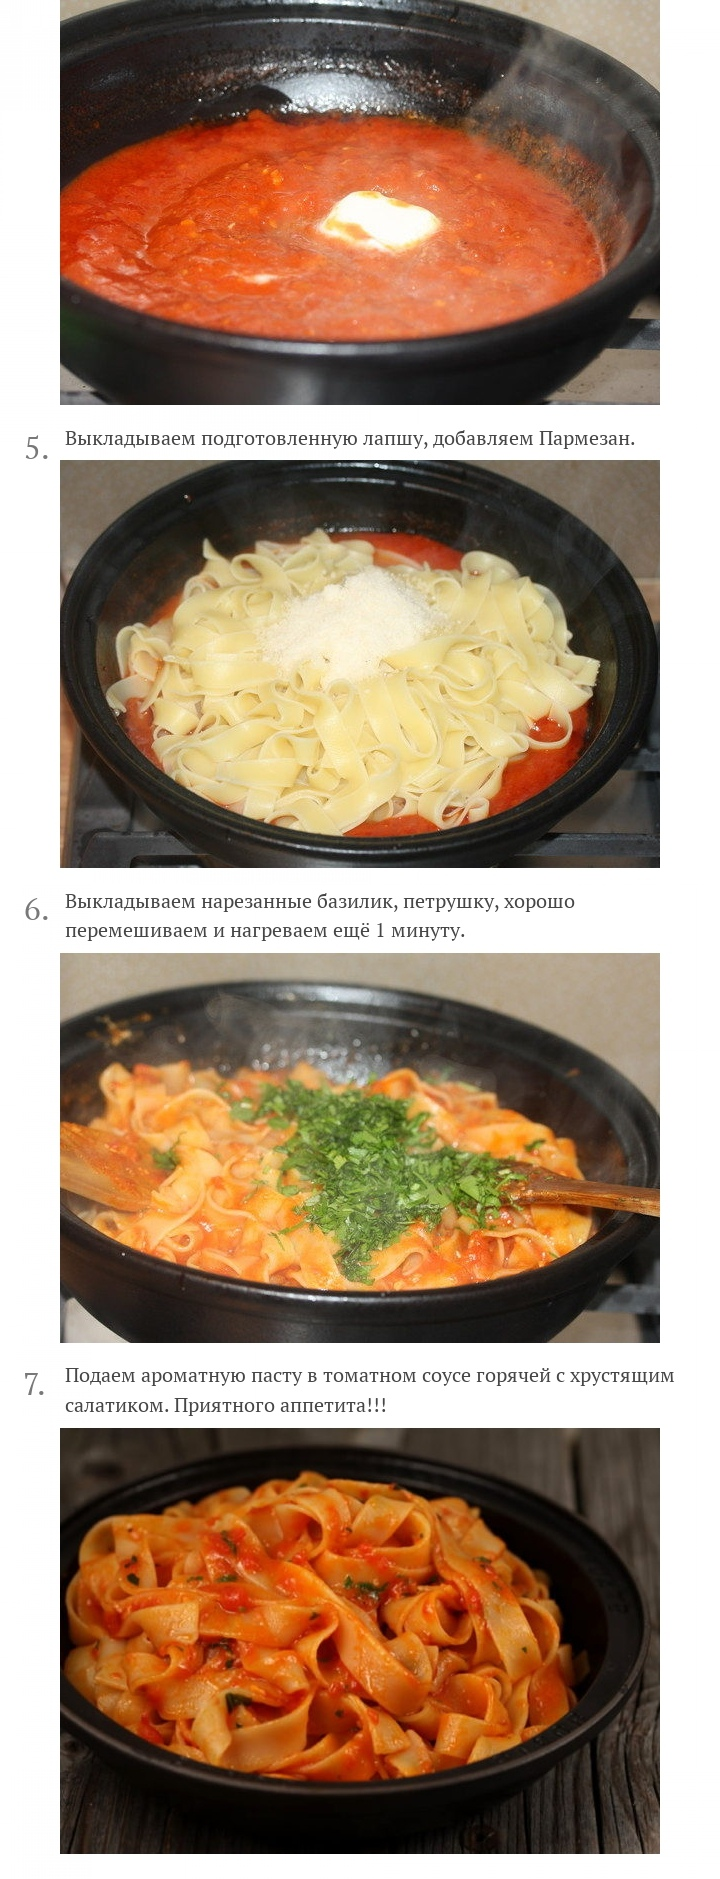 Паста в томатном соусе с зеленью, изображение №3